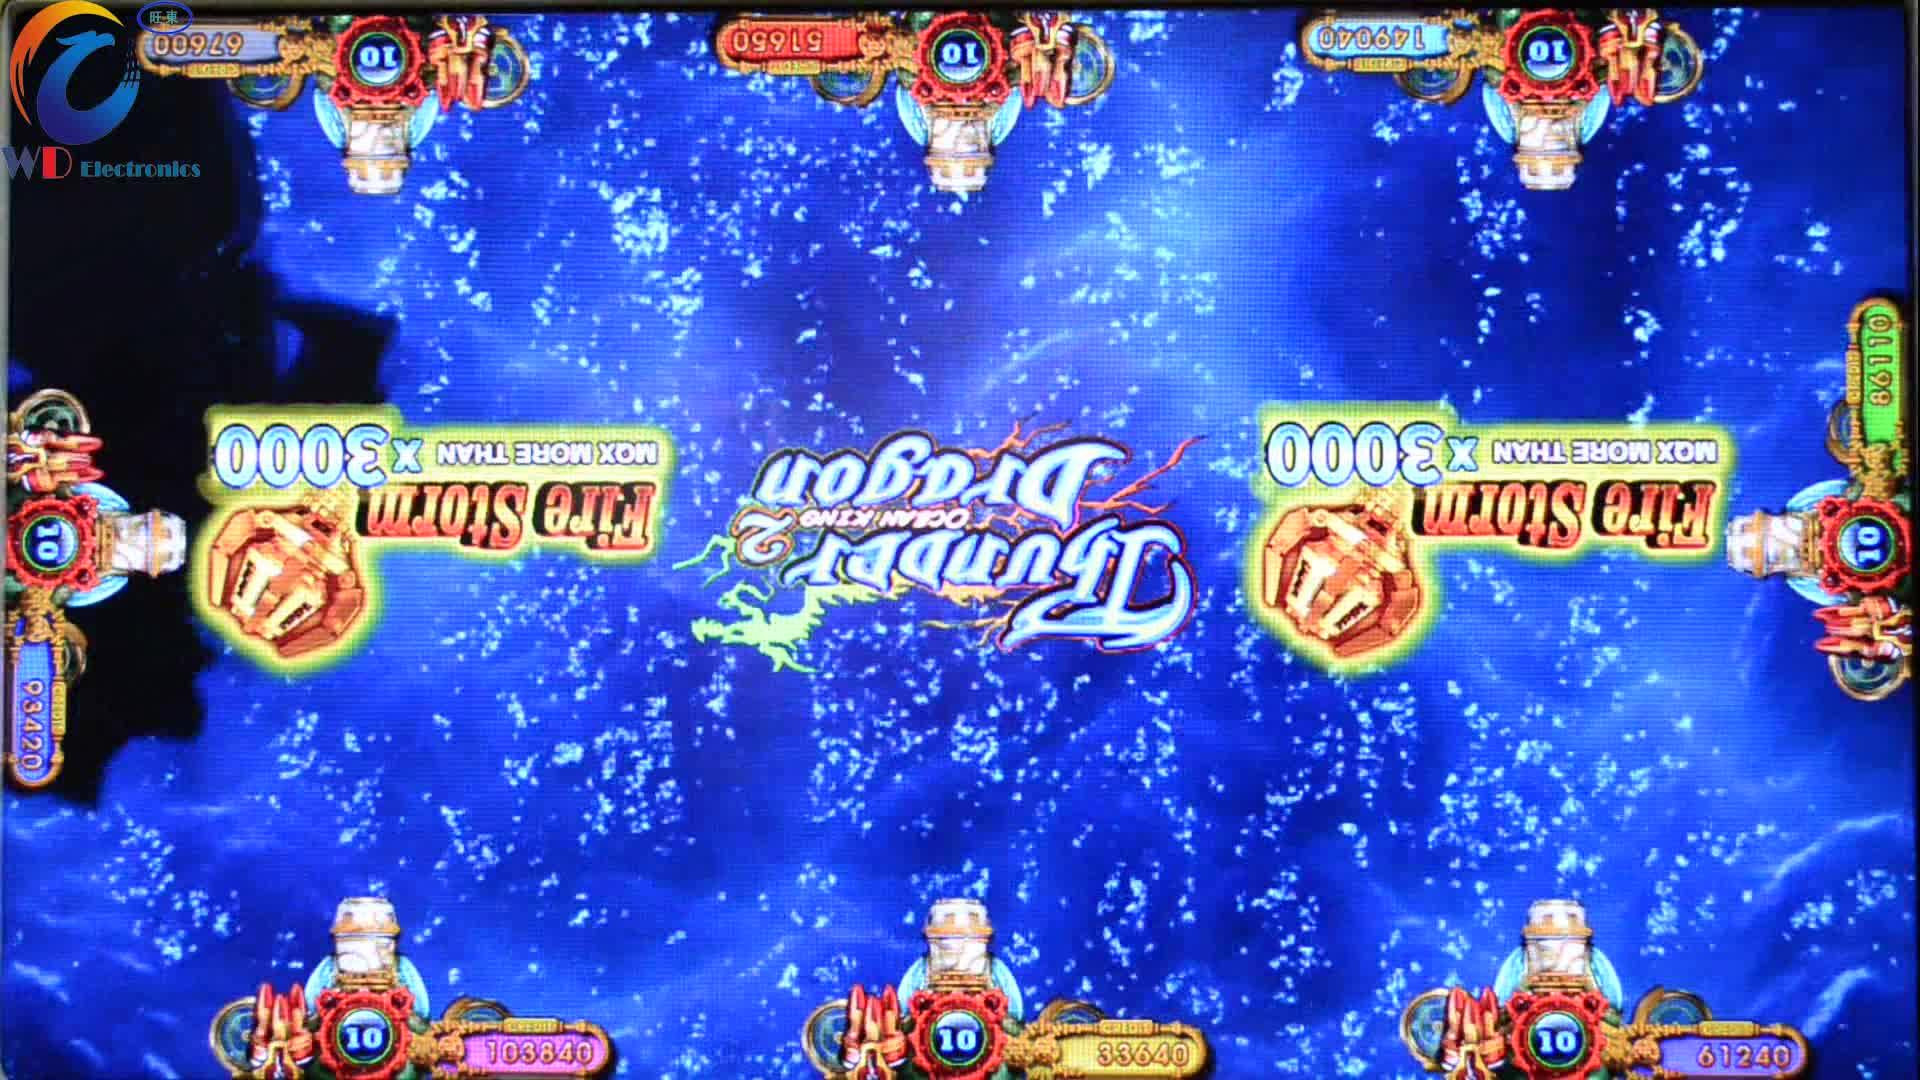 Wangdong 8 player skill fish game ocean monster plus for Fish game gambling